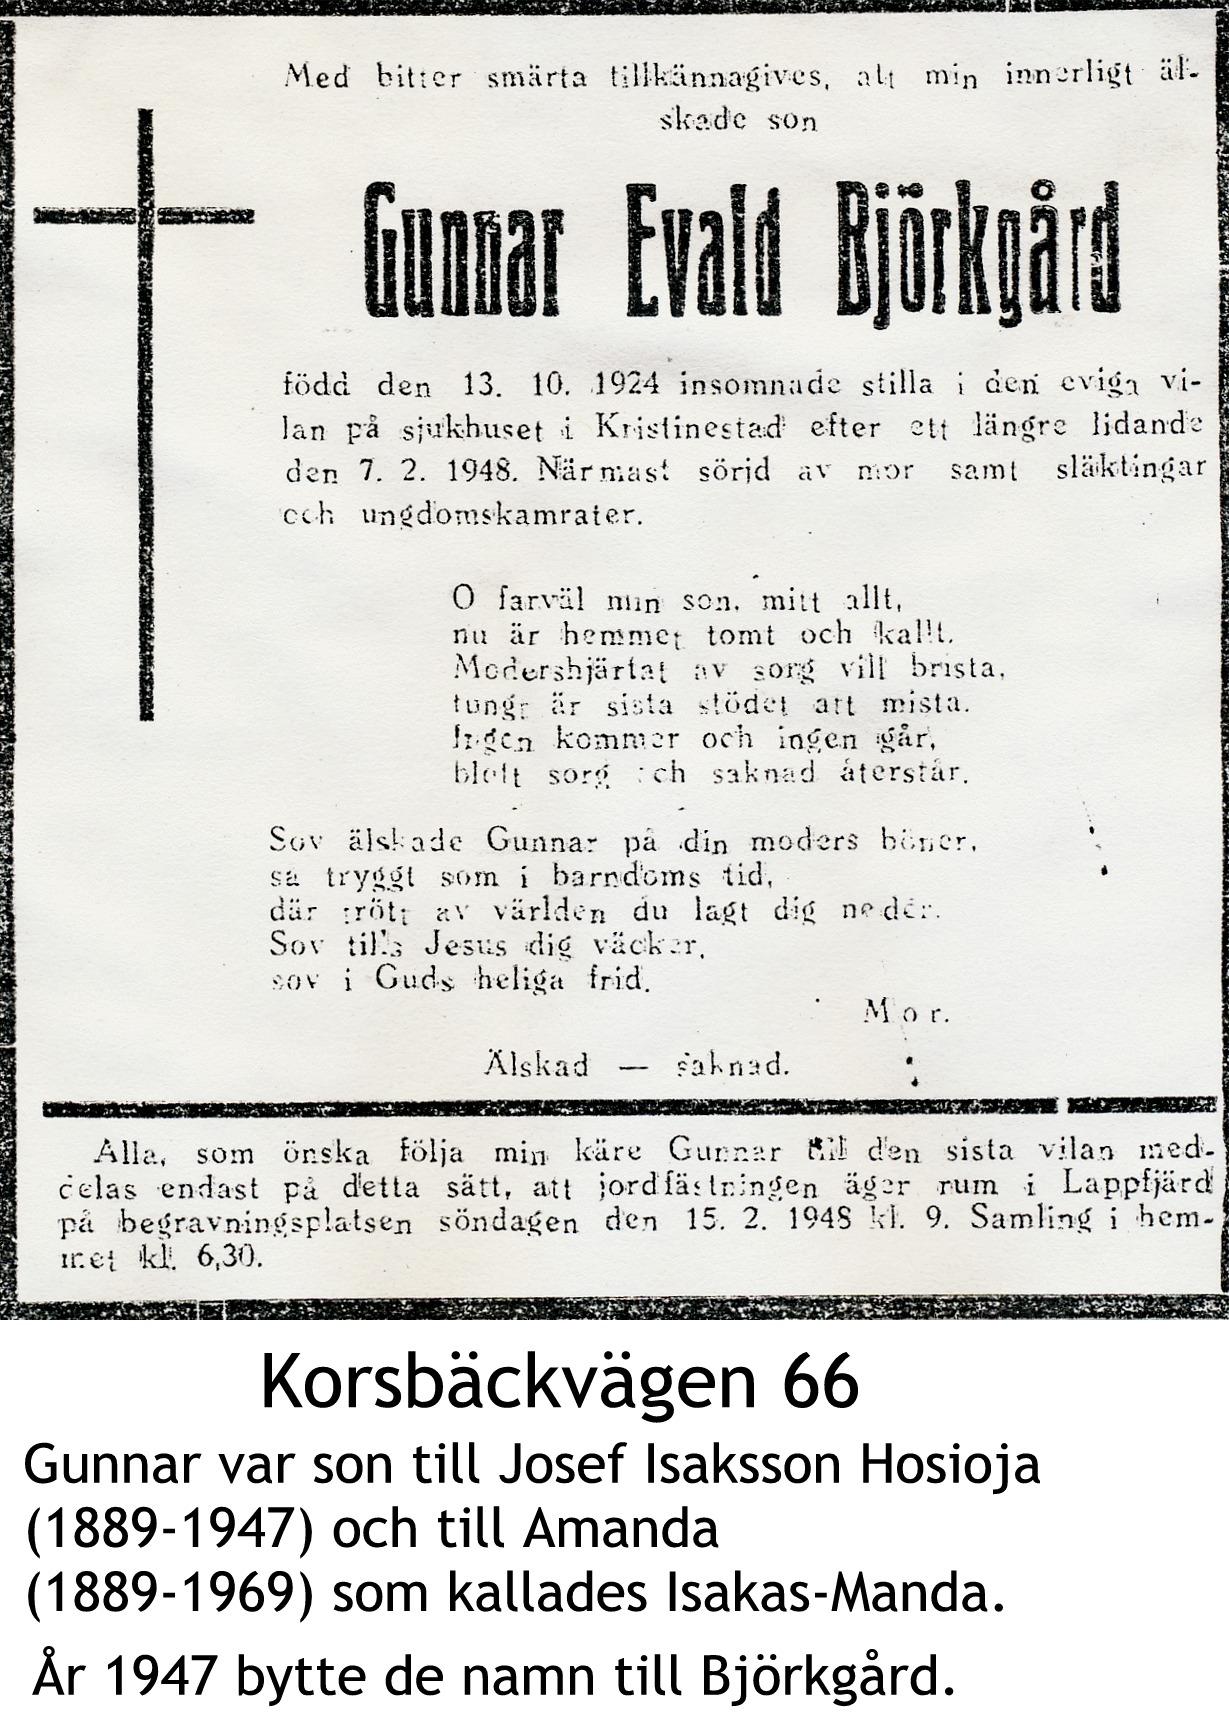 Björkgård Gunnar Evald